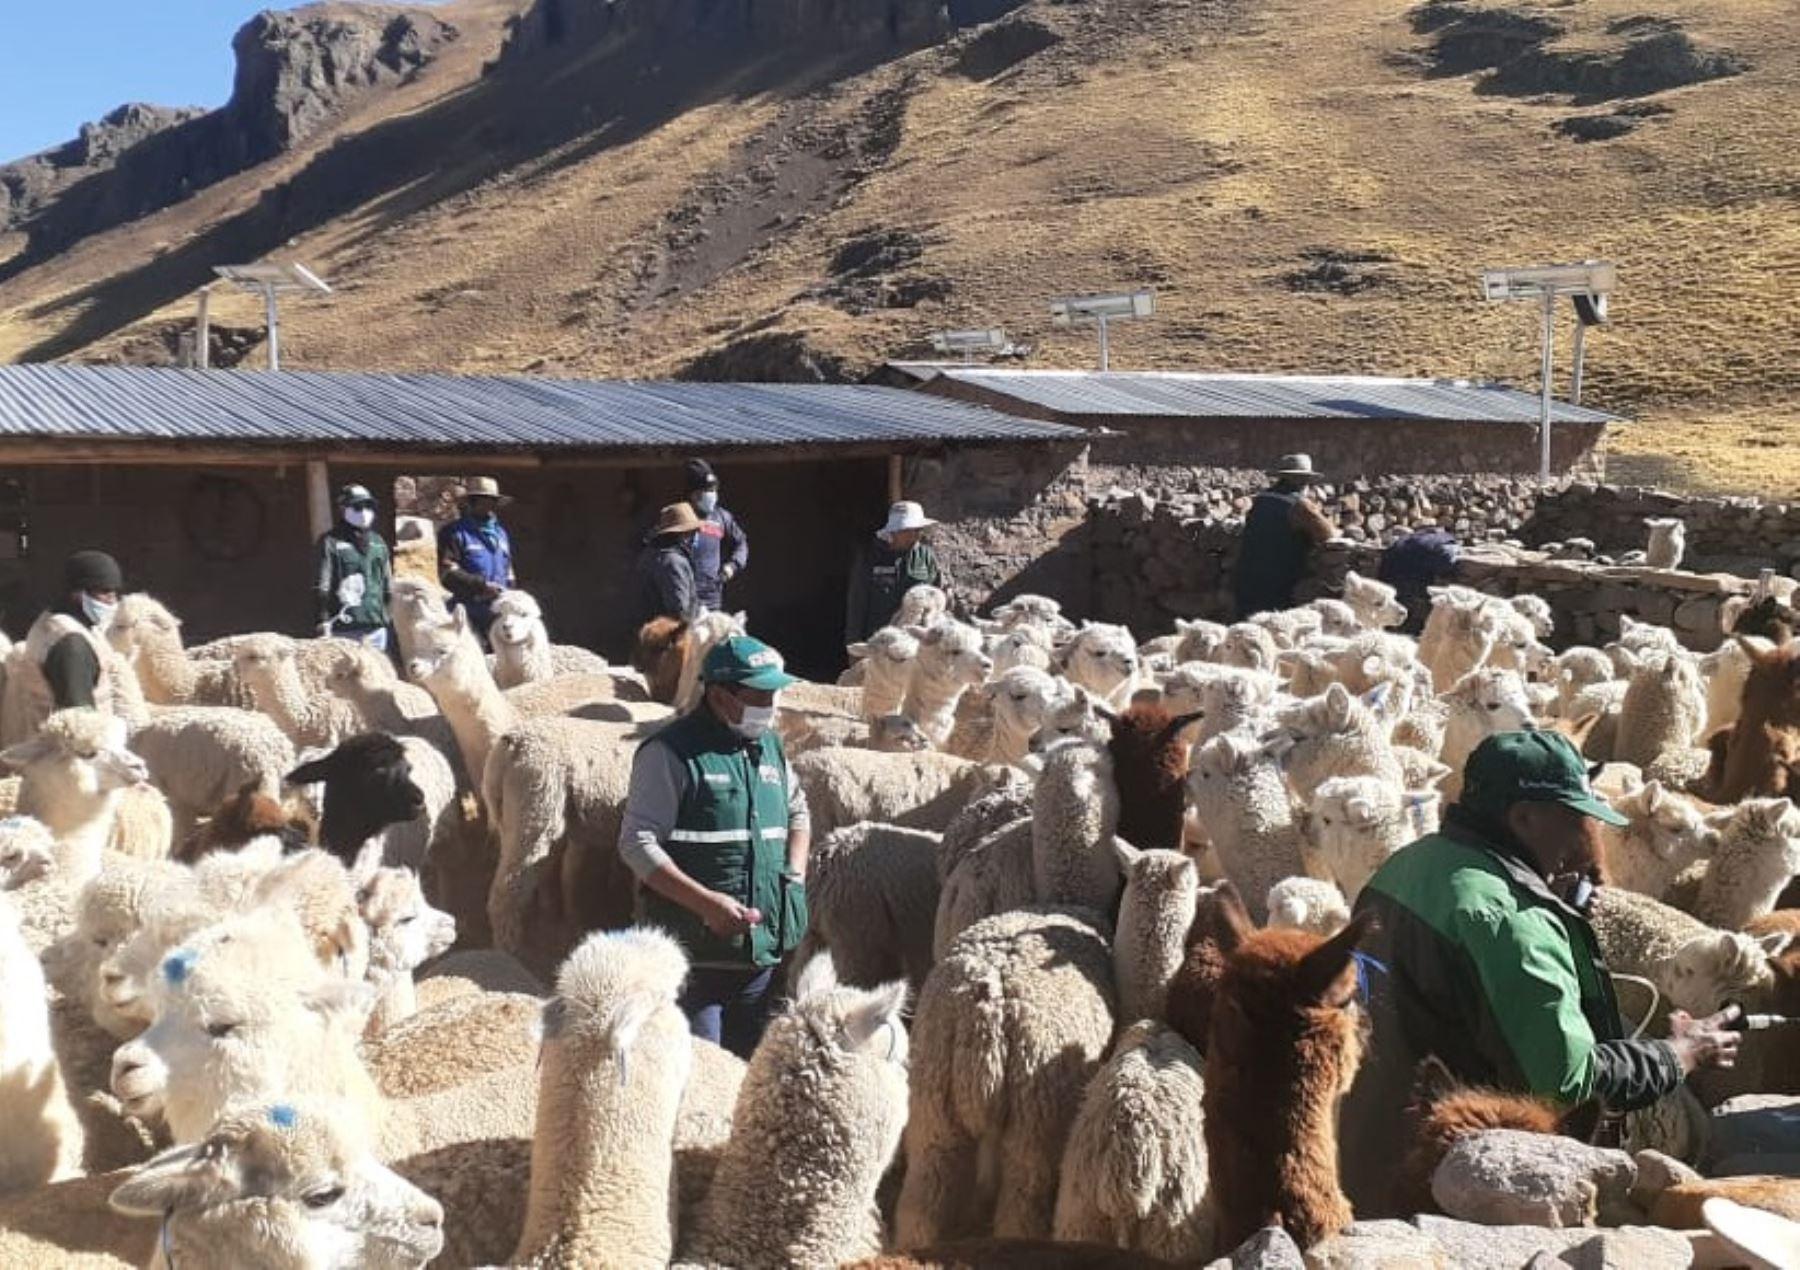 Agro Rural entregó kits veterinarios para proteger a más de 40,000 cabezas de ganado ante las bajas temperaturas en las provincias de Canchis y Paucartambo, región Cusco.